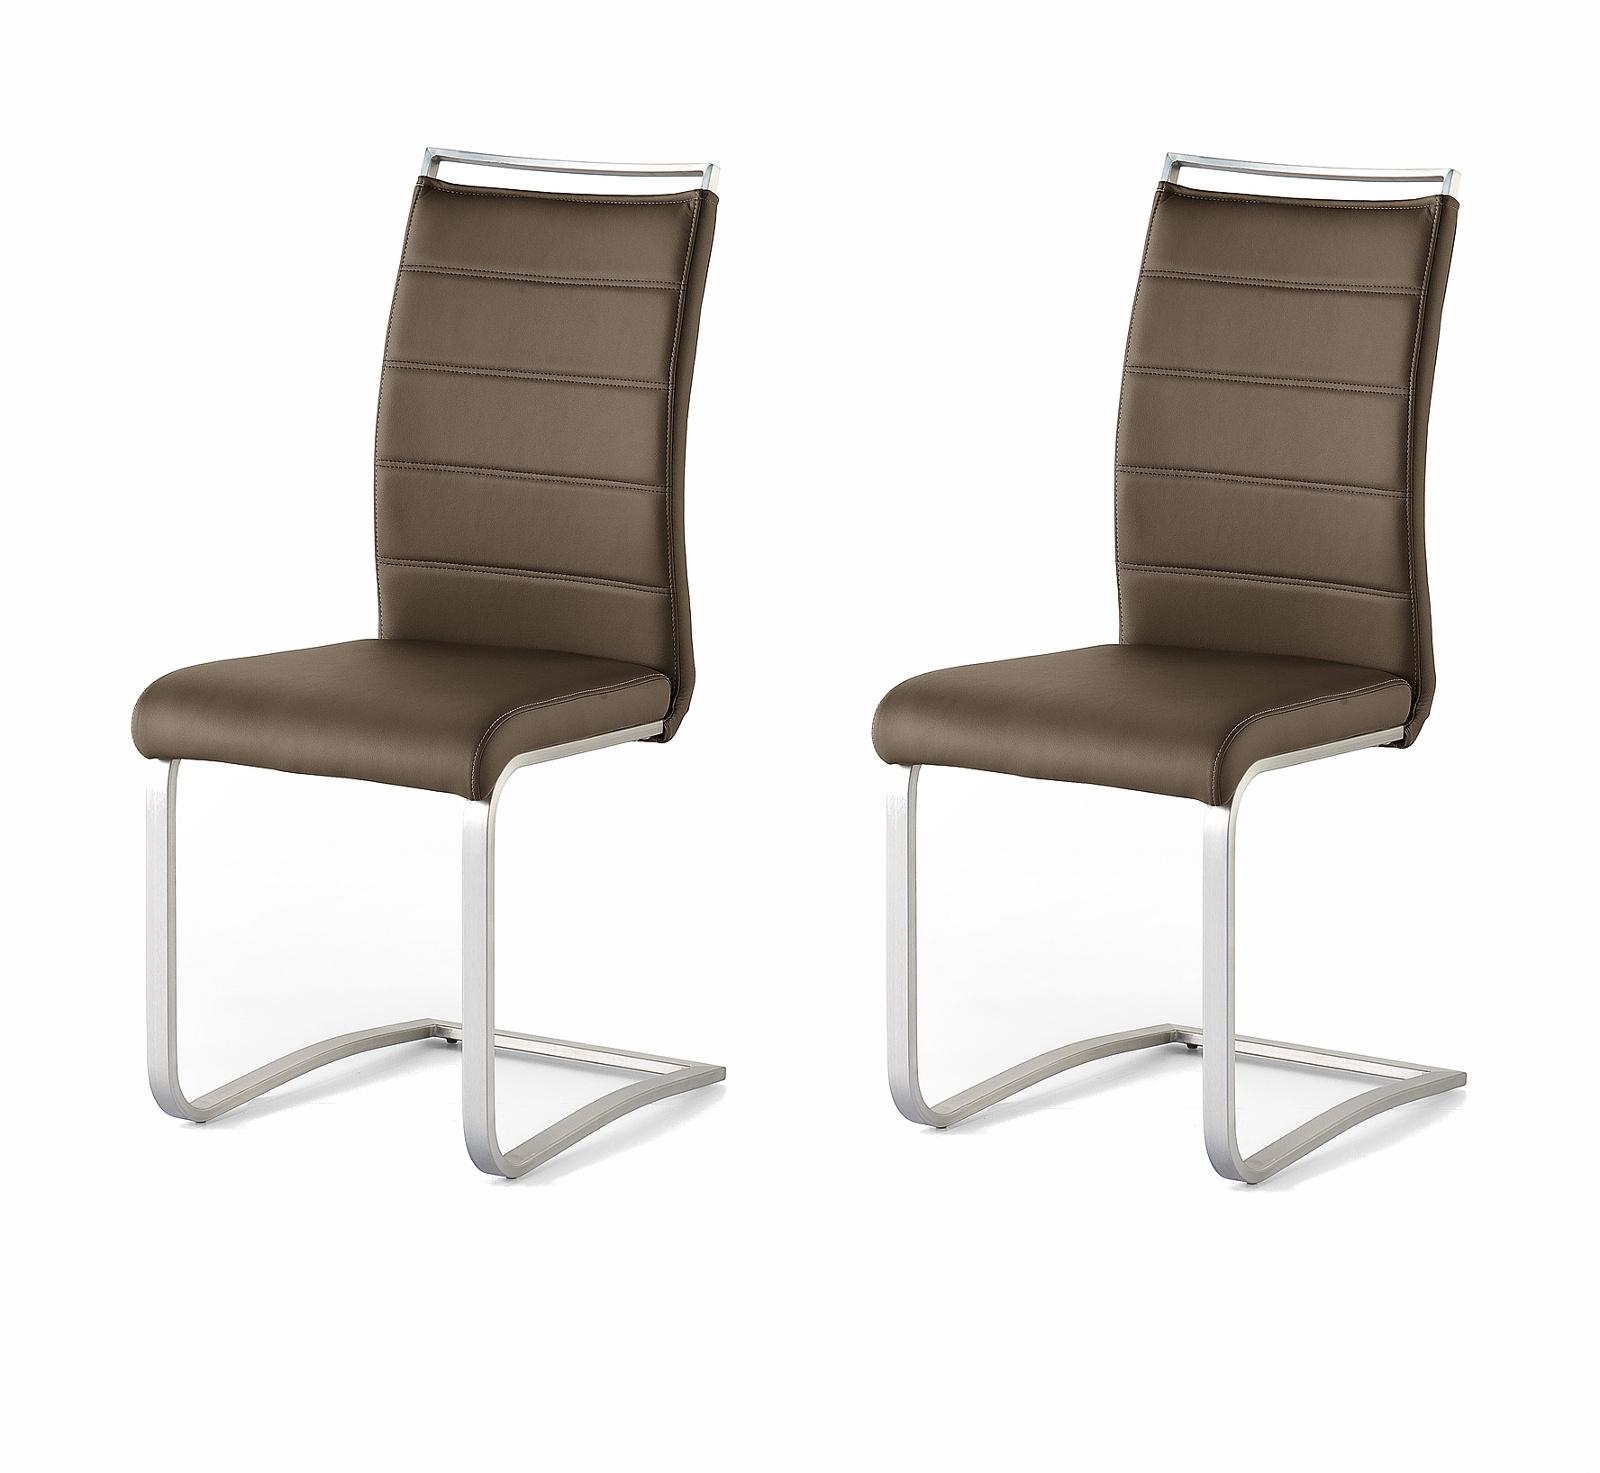 2 X Stuhl Pescara In Braun Kunstleder Und Edelstahl Freischwinger Mit Griffleiste Flachrohr Esszimmerstuhl 2er Set